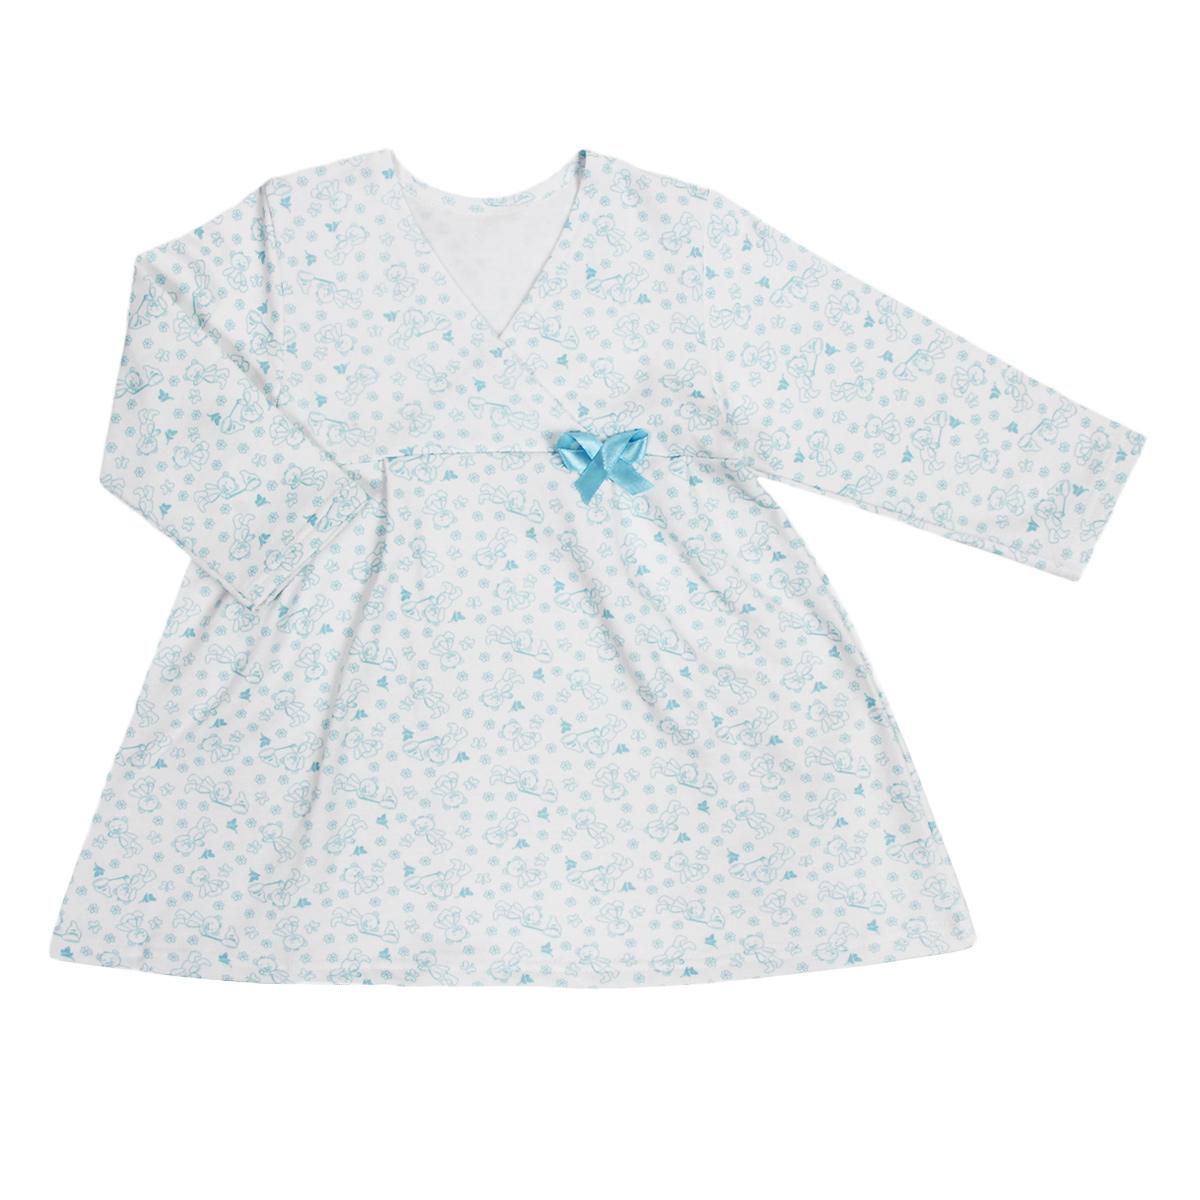 Сорочка ночная для девочки Трон-плюс, цвет: белый, голубой, рисунок мишки. 5522. Размер 86/92, 2-3 года5522Яркая сорочка Трон-плюс идеально подойдет вашей малышке и станет отличным дополнением к детскому гардеробу. Теплая сорочка, изготовленная из футера - натурального хлопка, необычайно мягкая и легкая, не сковывает движения ребенка, позволяет коже дышать и не раздражает даже самую нежную и чувствительную кожу малыша. Сорочка трапециевидного кроя с длинными рукавами, V-образным вырезом горловины. Полочка состоит из двух частей, заходящих друг на друга. По переднему и заднему полотнищам юбки заложены небольшие складки. Сорочка оформлена атласным бантиком.В такой сорочке ваш ребенок будет чувствовать себя комфортно и уютно во время сна.